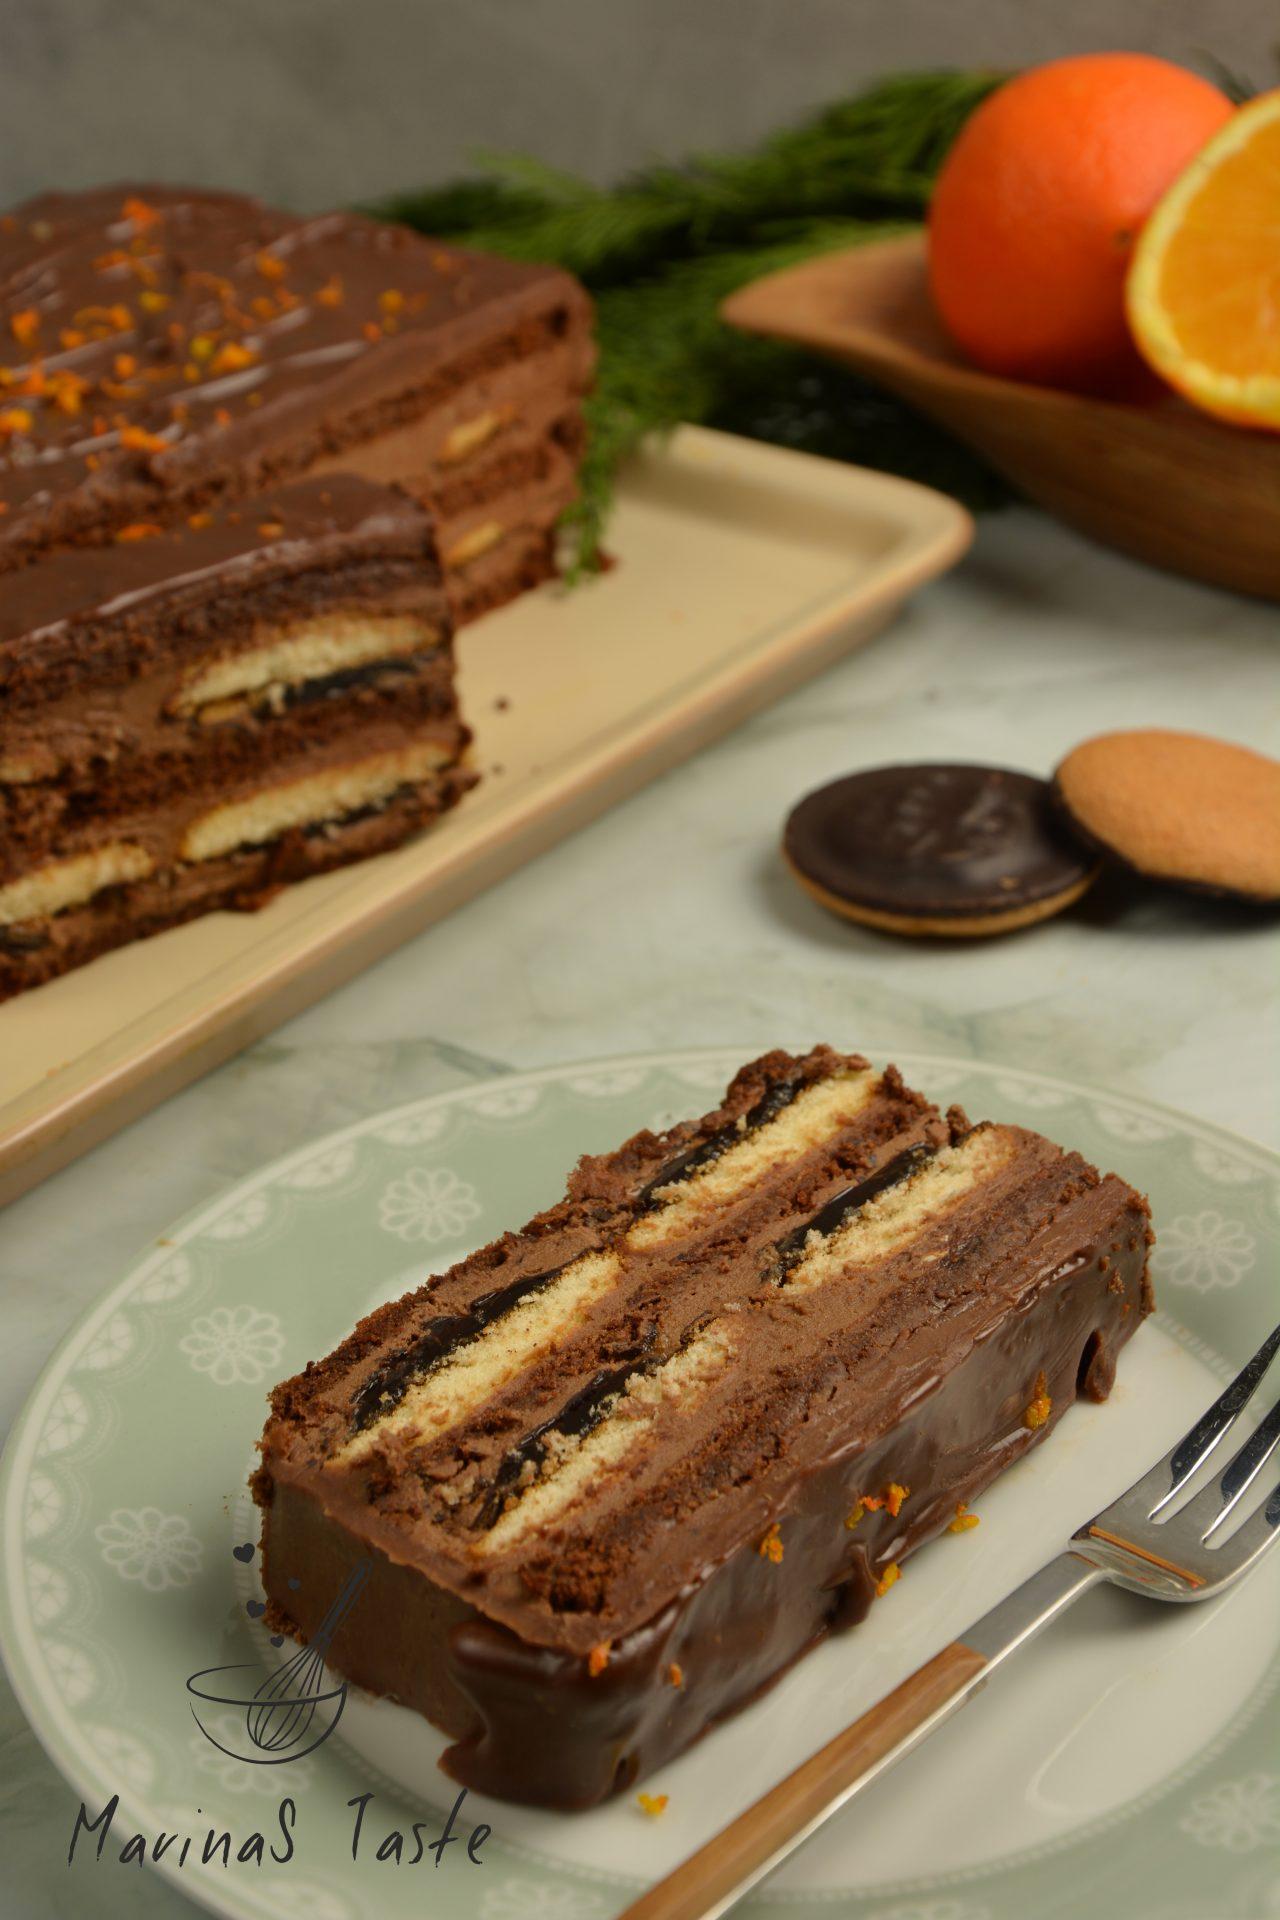 Cokoladna-jaffa-torta-4